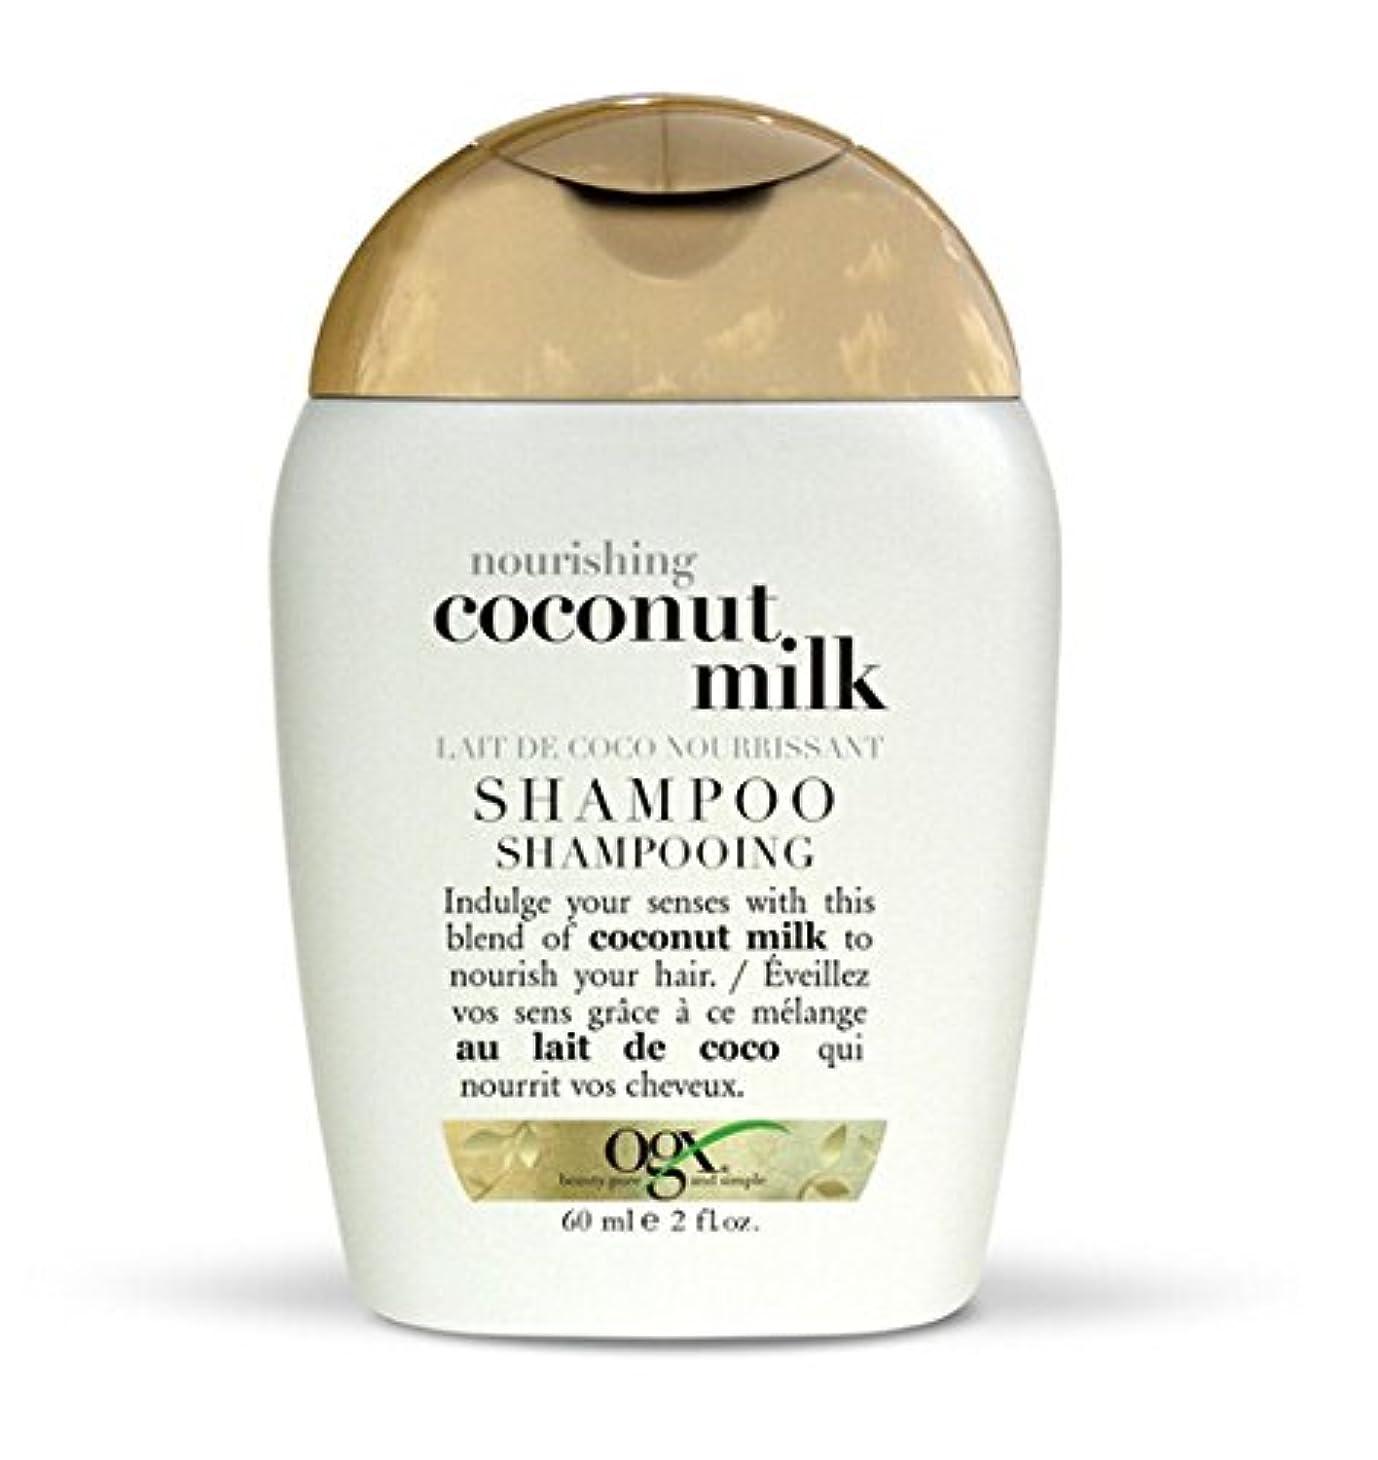 一生メンタリティストライクVogue ヴォーグ オーガニクス 髪いきいきココナッツミルク 自然派ヘアケア シャンプー 60ml coconut milk shampoo [並行輸入品]